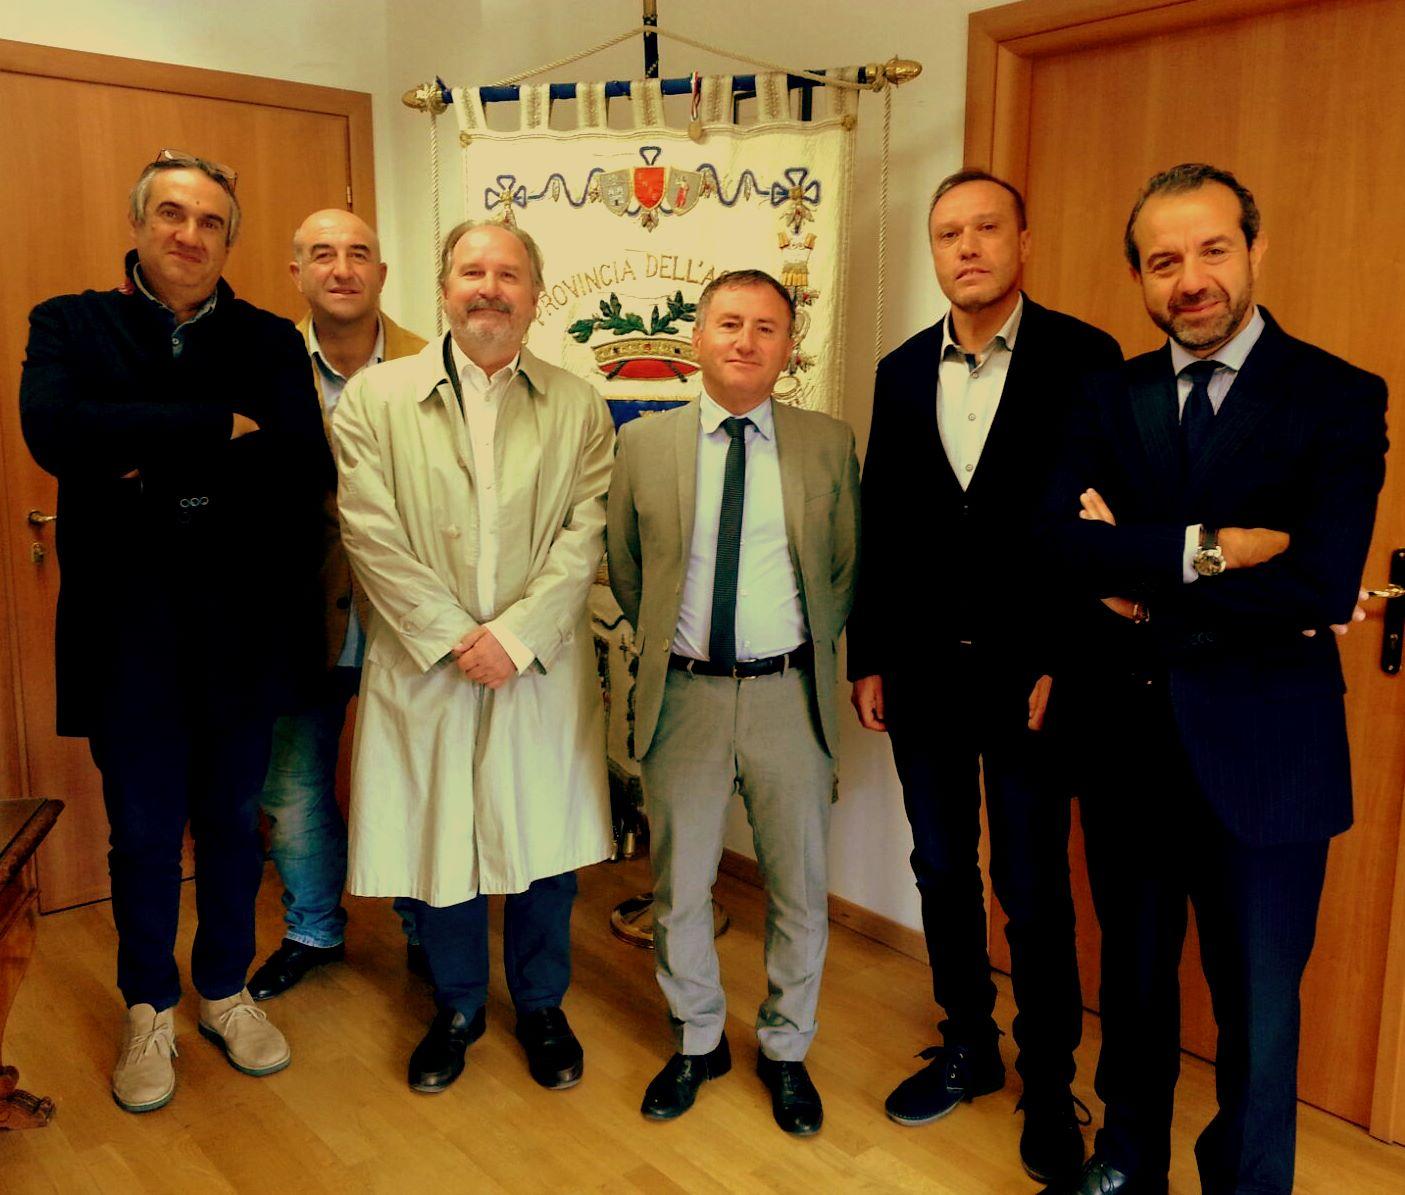 Firmato il contratto per la nuova sede della Provincia dell'Aquila a S. Agostino